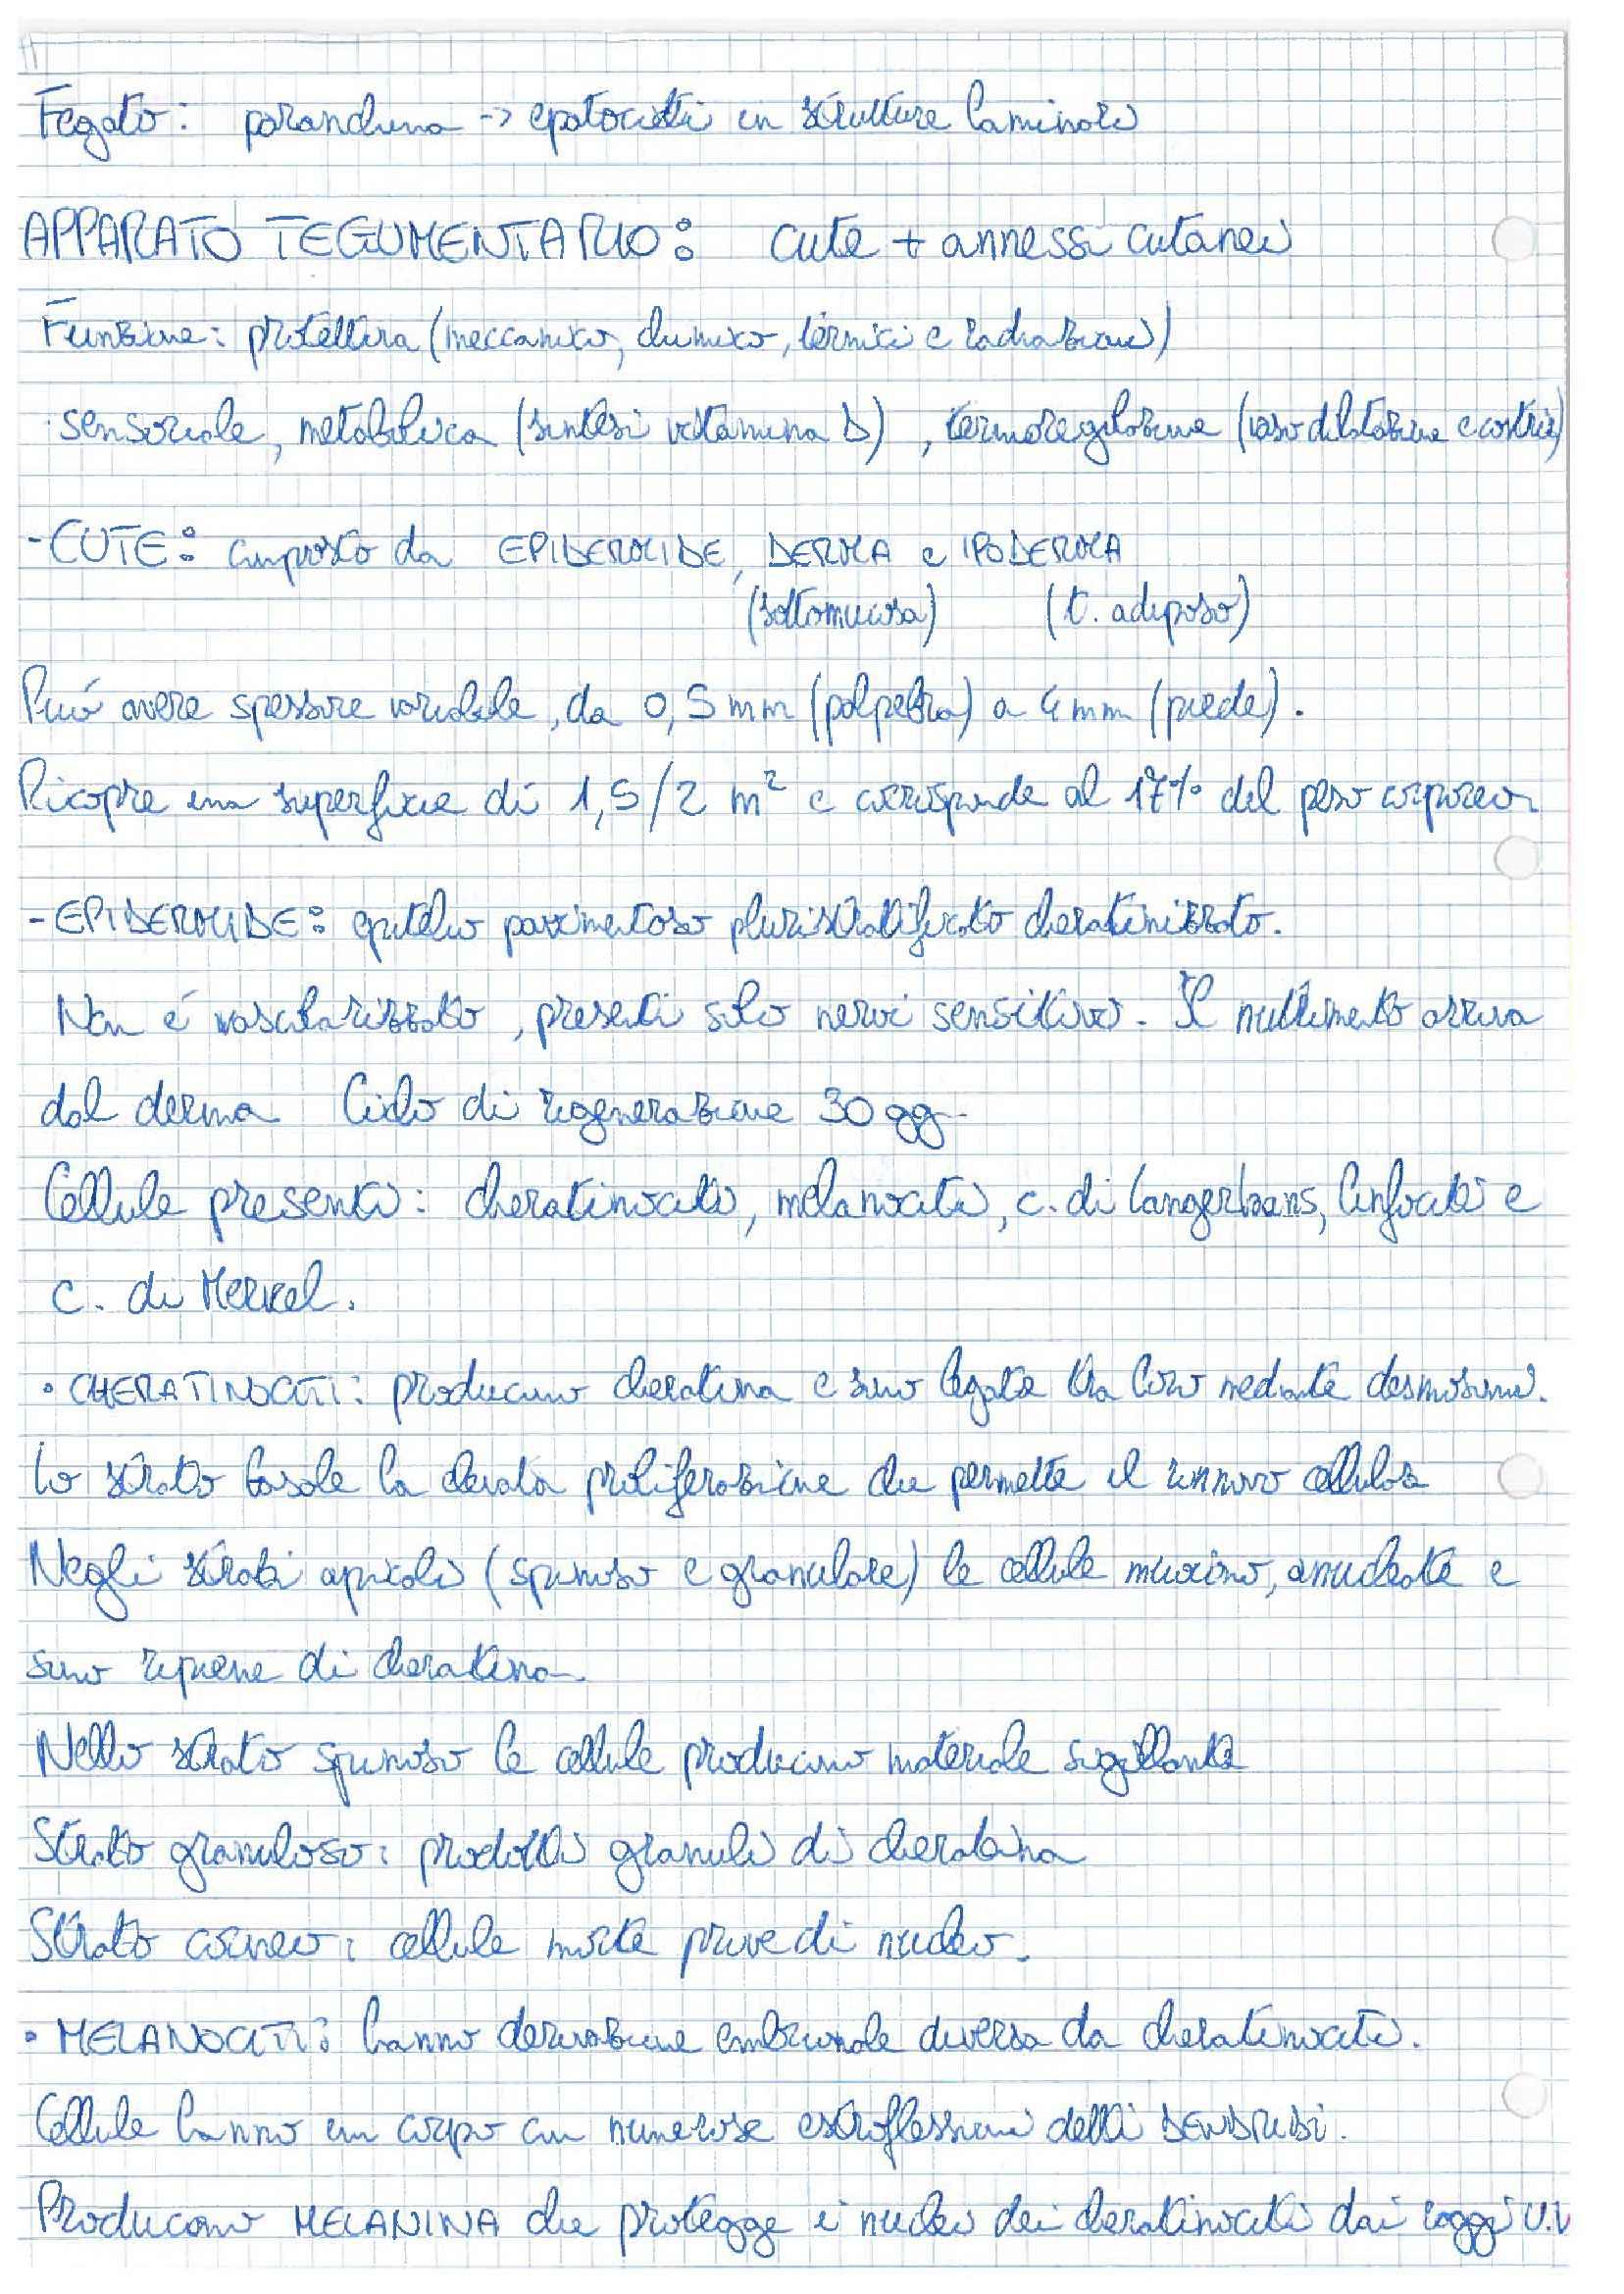 Anatomia dell'uomo - Appunti Pag. 16